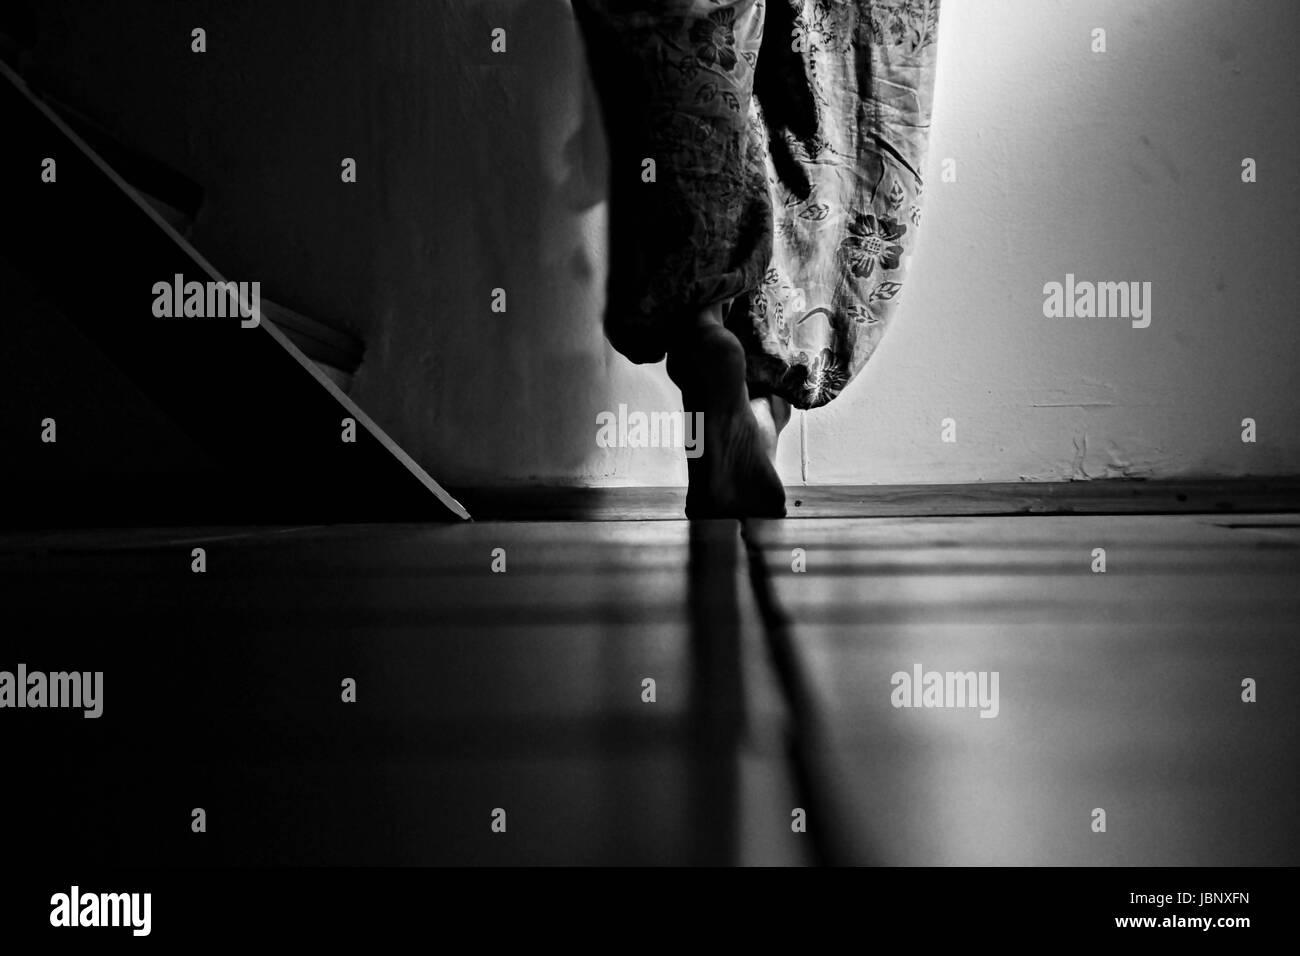 Walking away - Stock Image